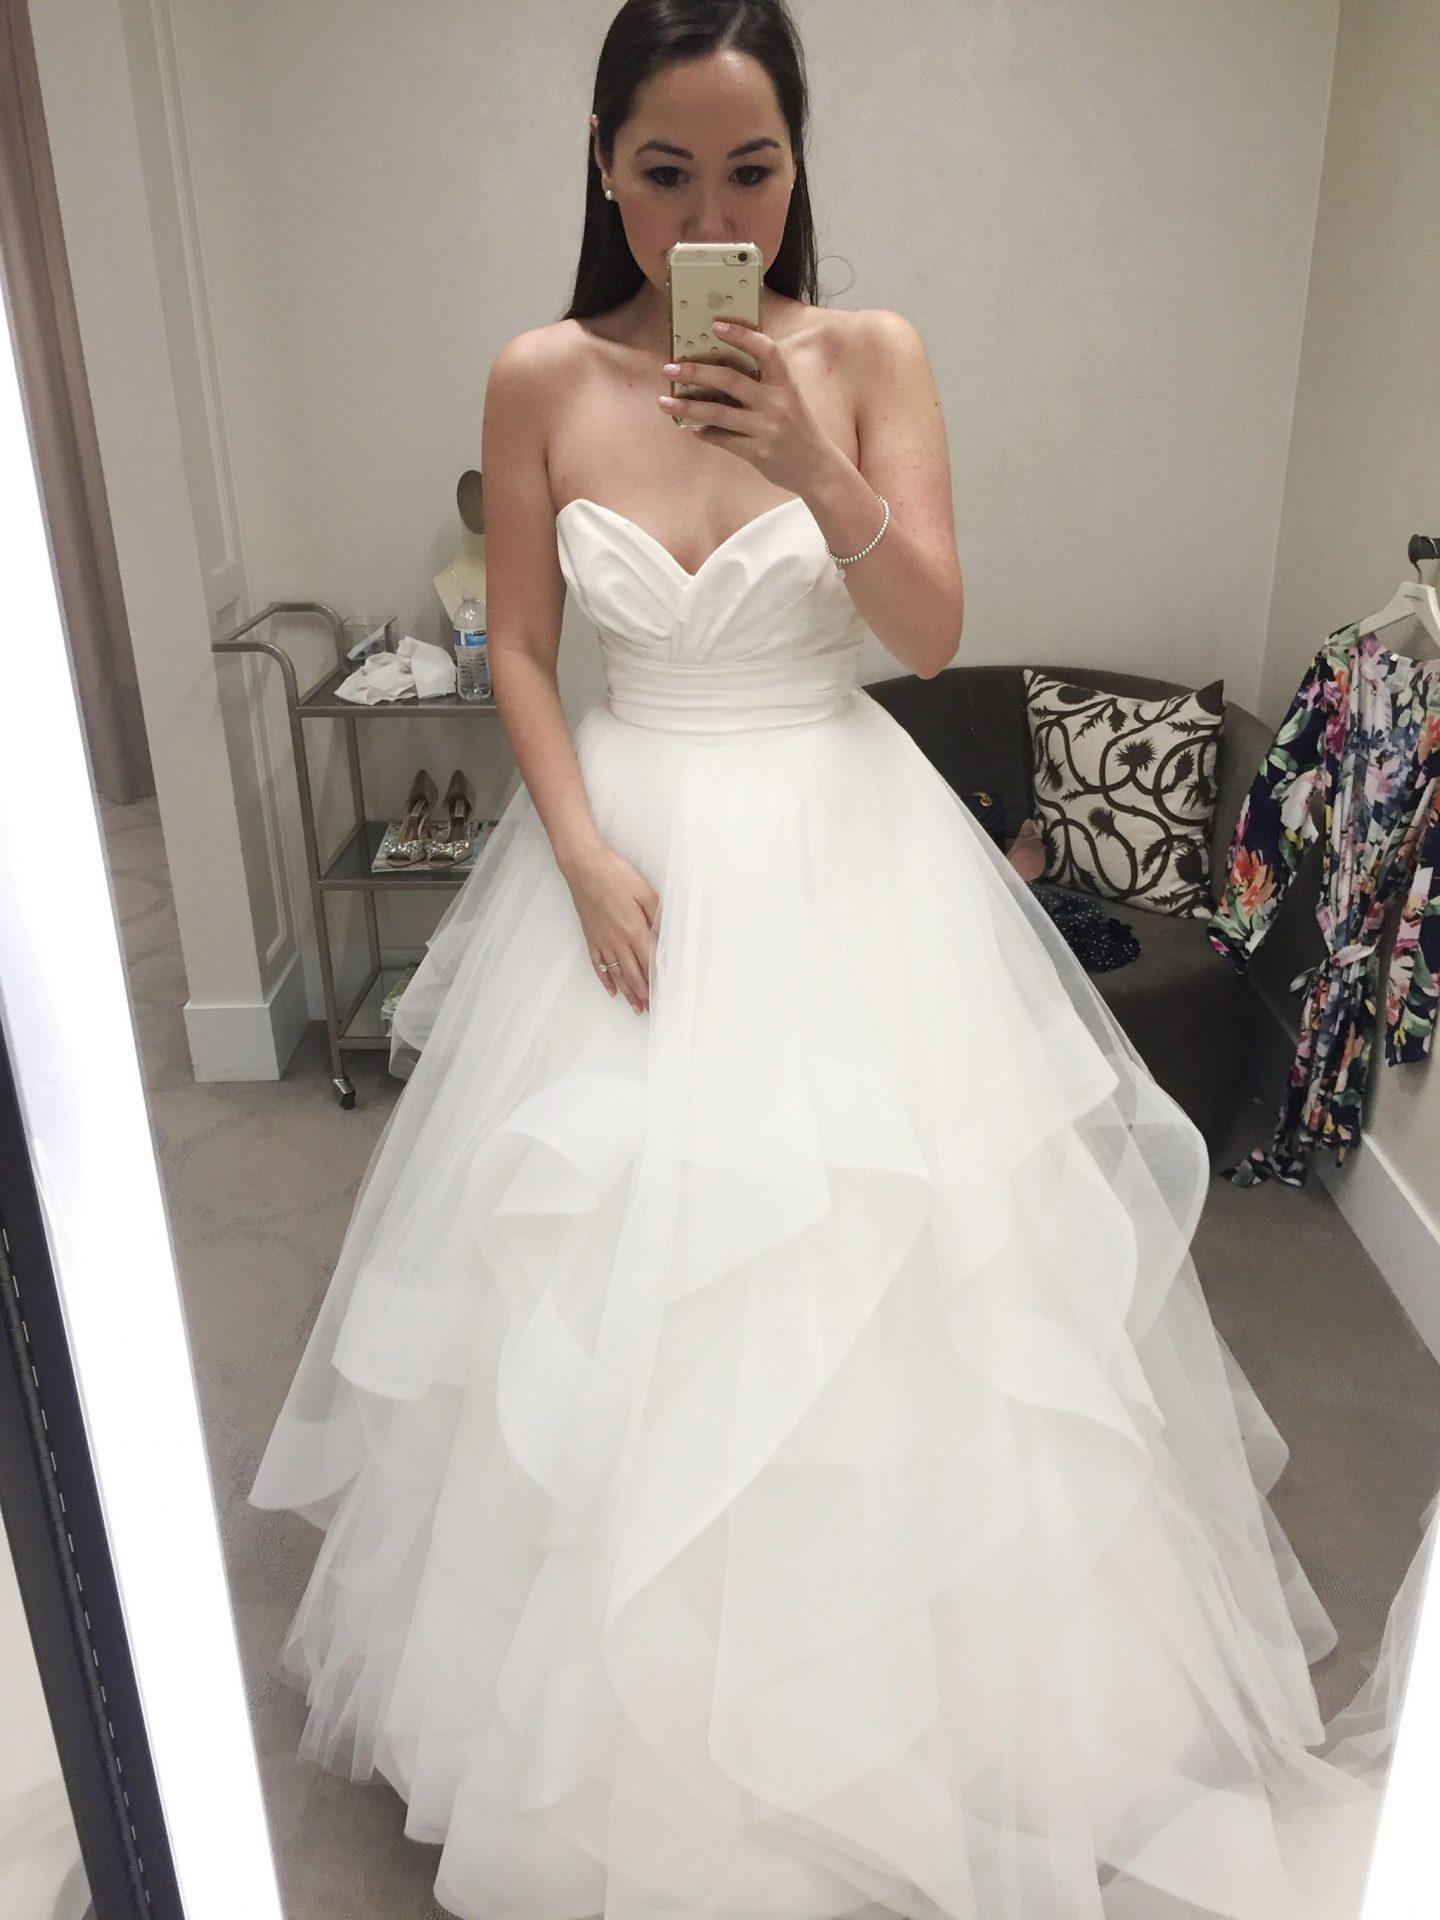 Wedding Dress Shopping Chronicles - Chase Amie